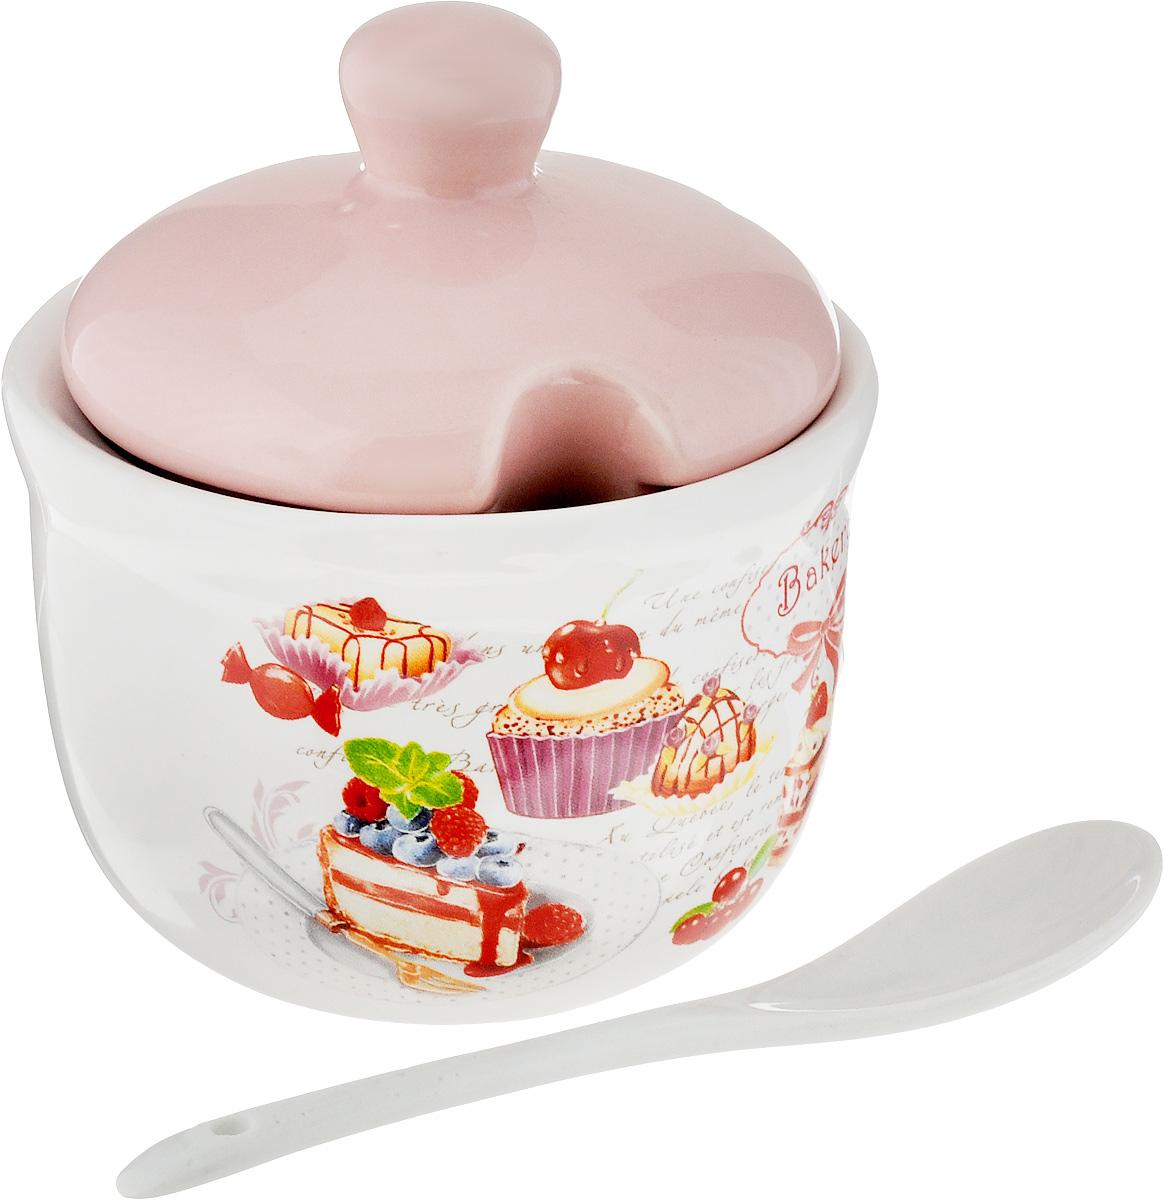 Сахарница ENS Group Бисквит, с ложкой, цвет: розовый, белый, 300 мл, 2 предмета. L3170209L3170209_розовый, белыйСахарница ENS Group Бисквит с крышкой и ложкой изготовлена из керамики и украшена ярким рисунком. Емкость универсальна, подойдет как для сахара, так и для специй или меда.Высота (без учета крышки): 7 см. Высота (с крышкой): 10,5 см.